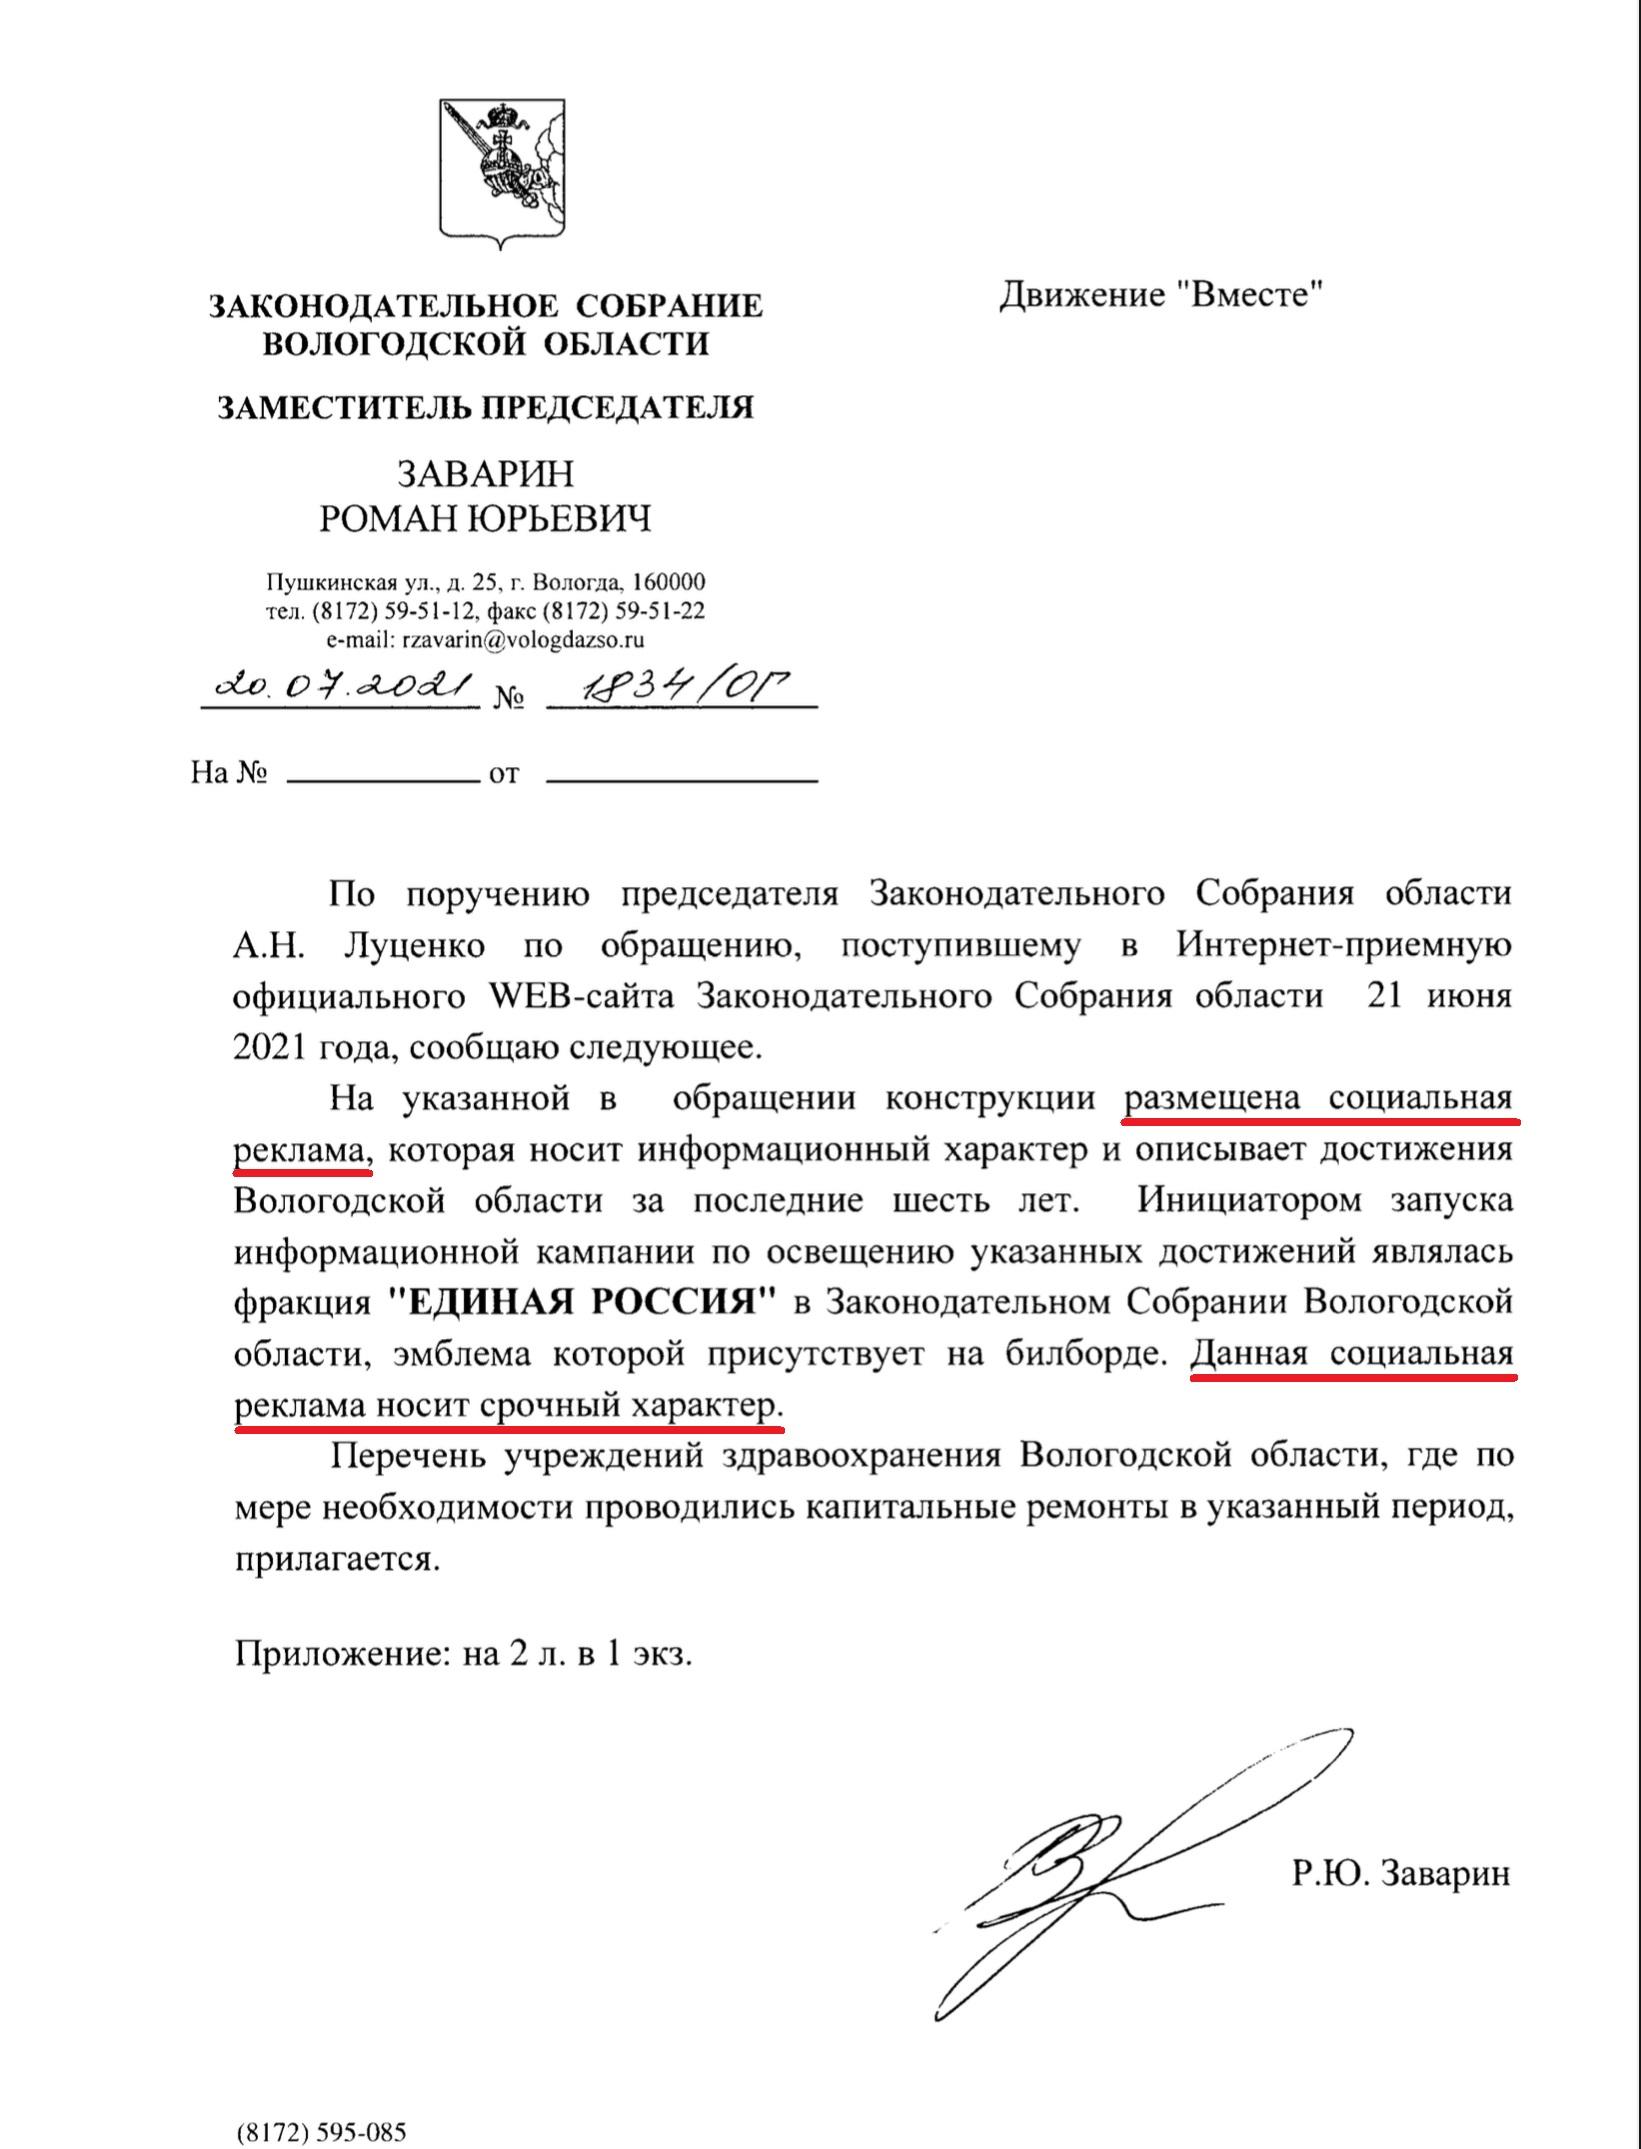 Единая Россия партия жуликов и воров. Выборы 2021 (1).PNG